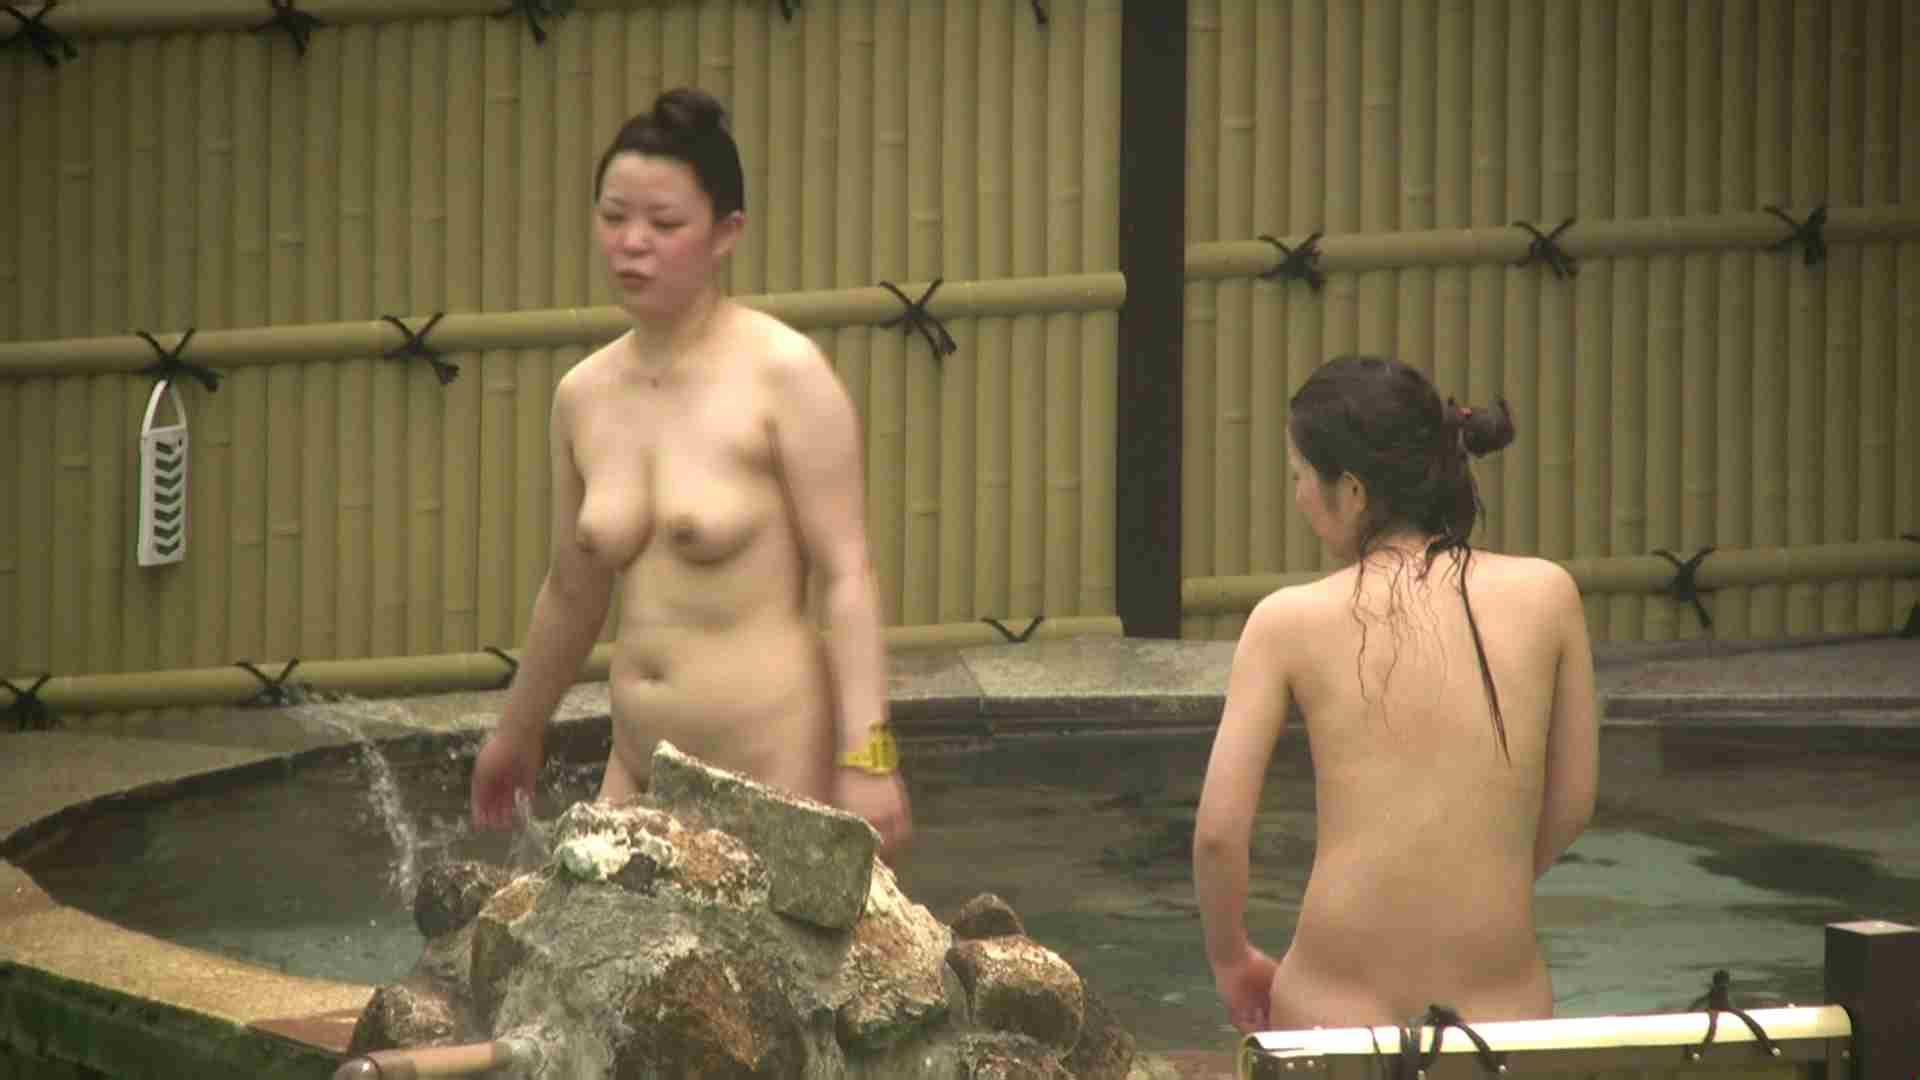 高画質露天女風呂観察 vol.022 乙女のエロ動画 盗撮動画紹介 86PIX 9